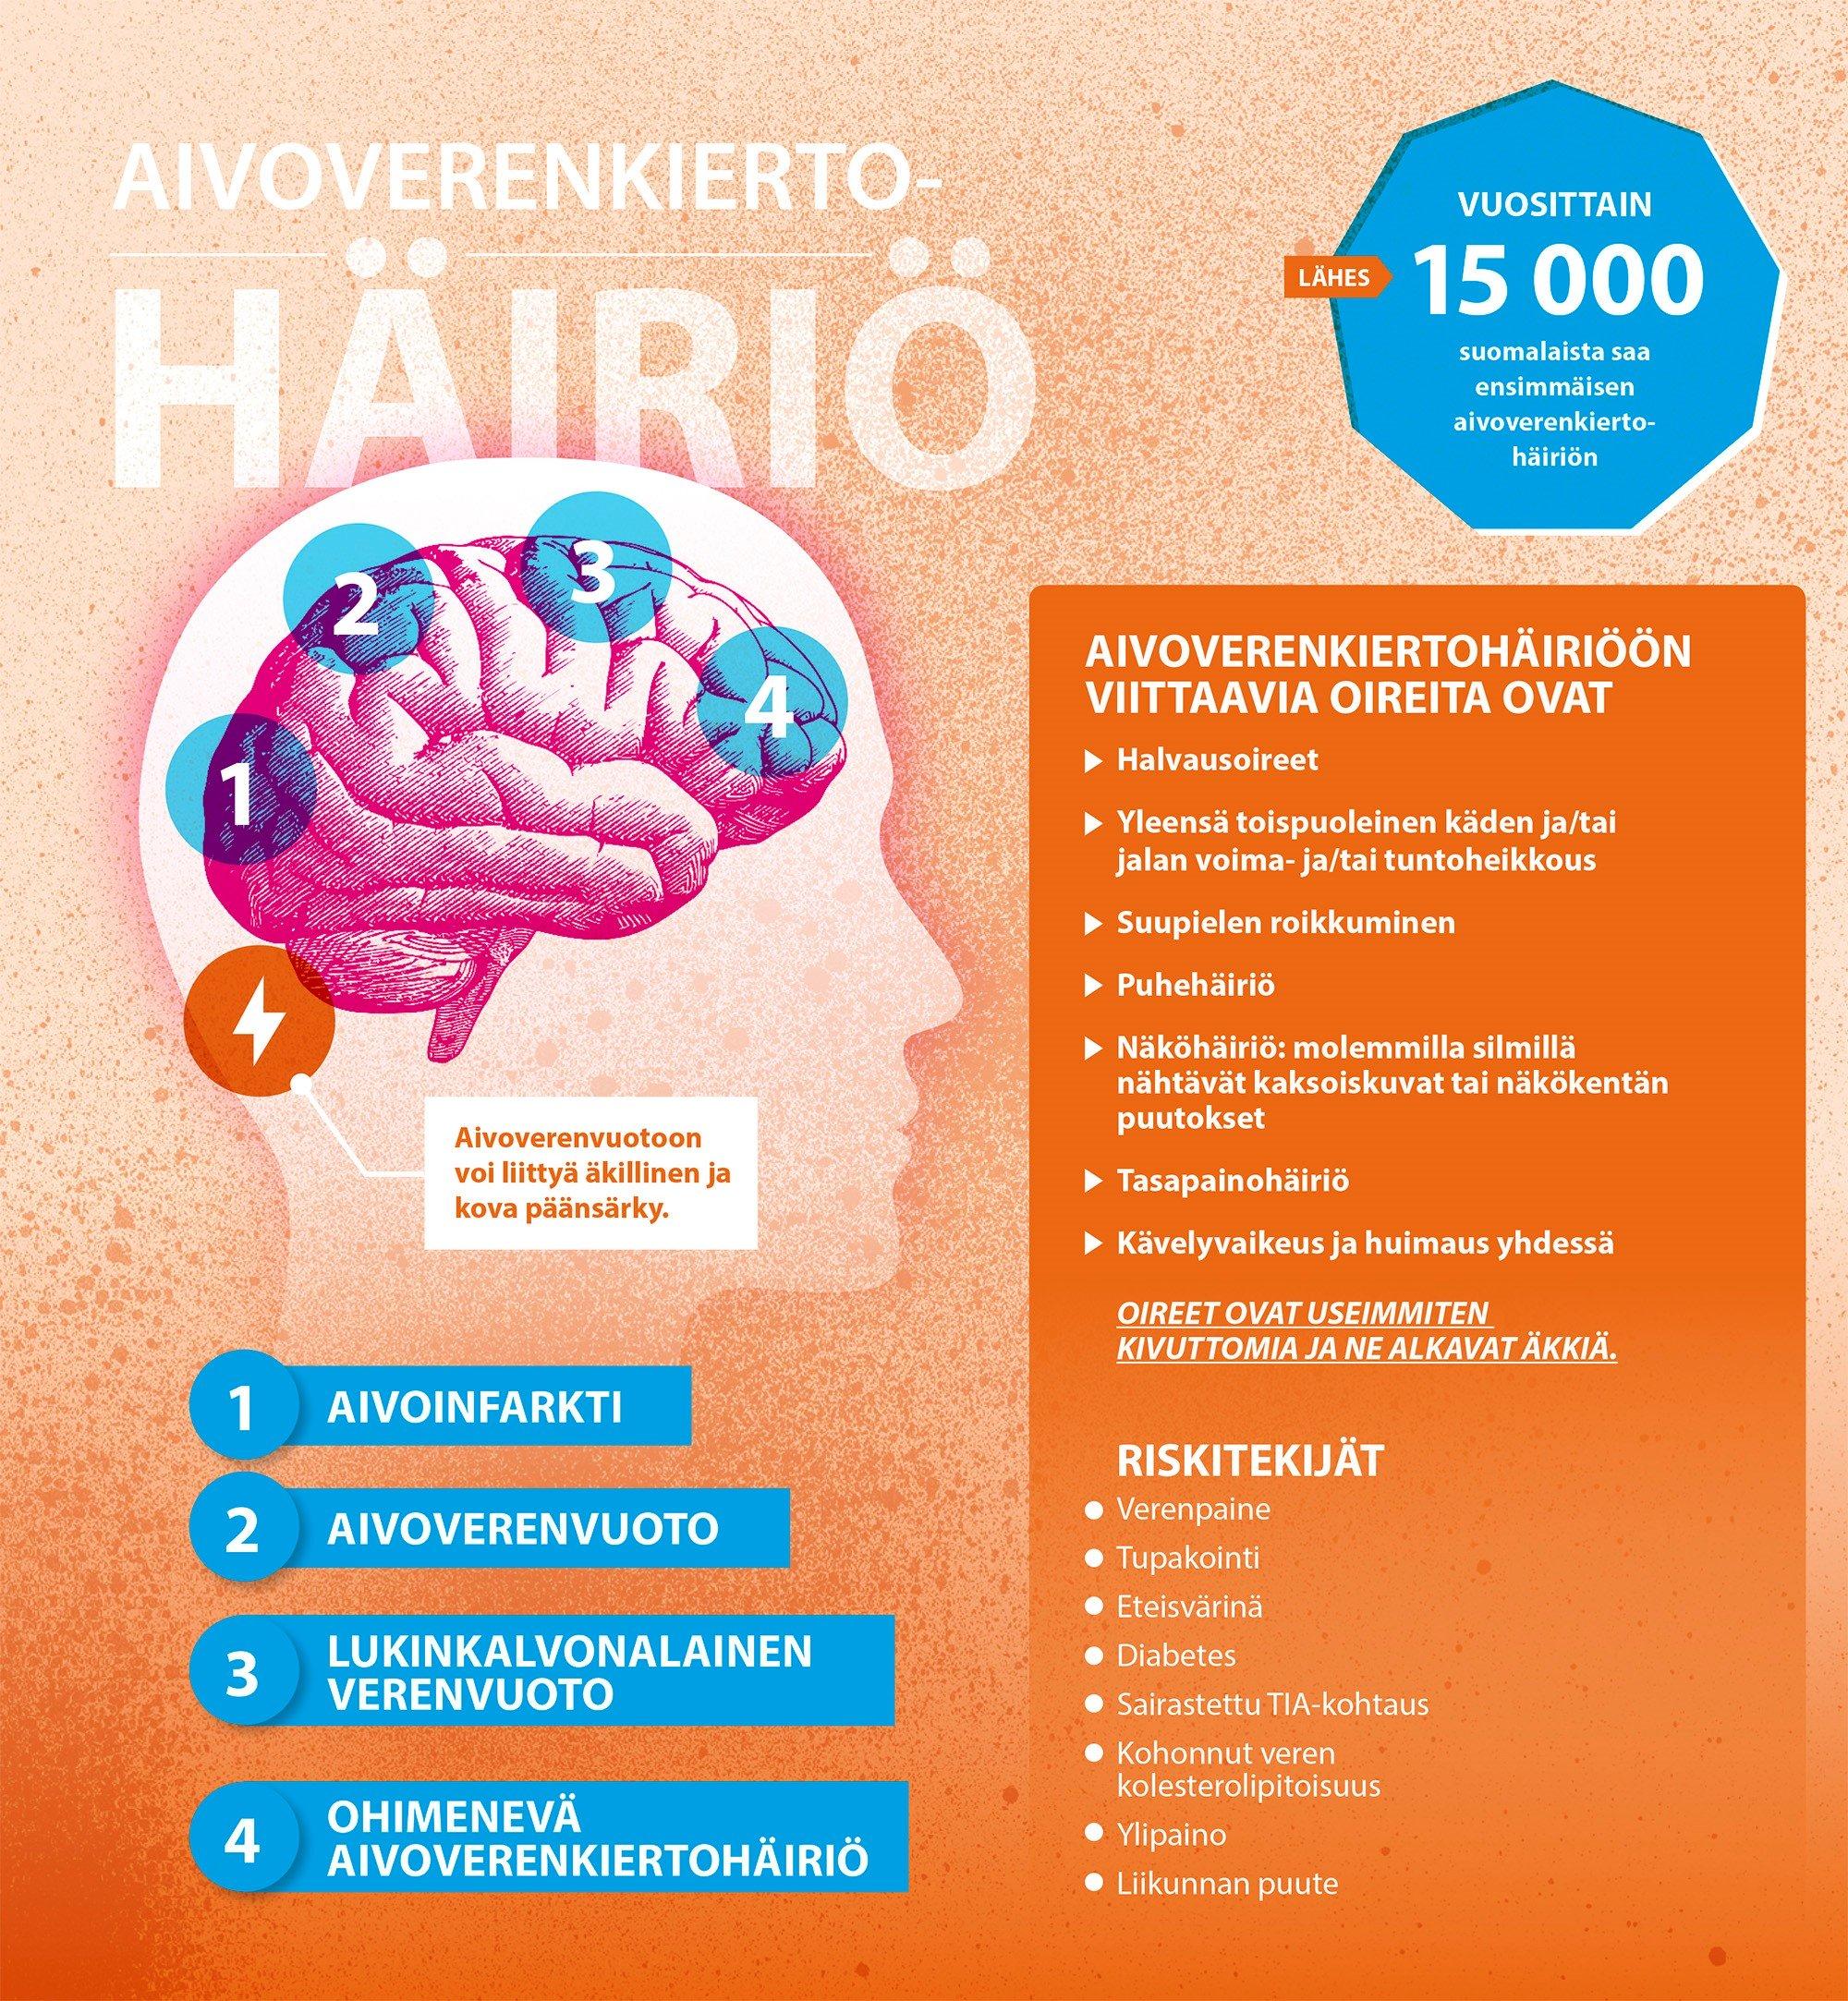 Aivoverenkiertohäiriön oireet alkavat usein yllättäen - Netlääkäri